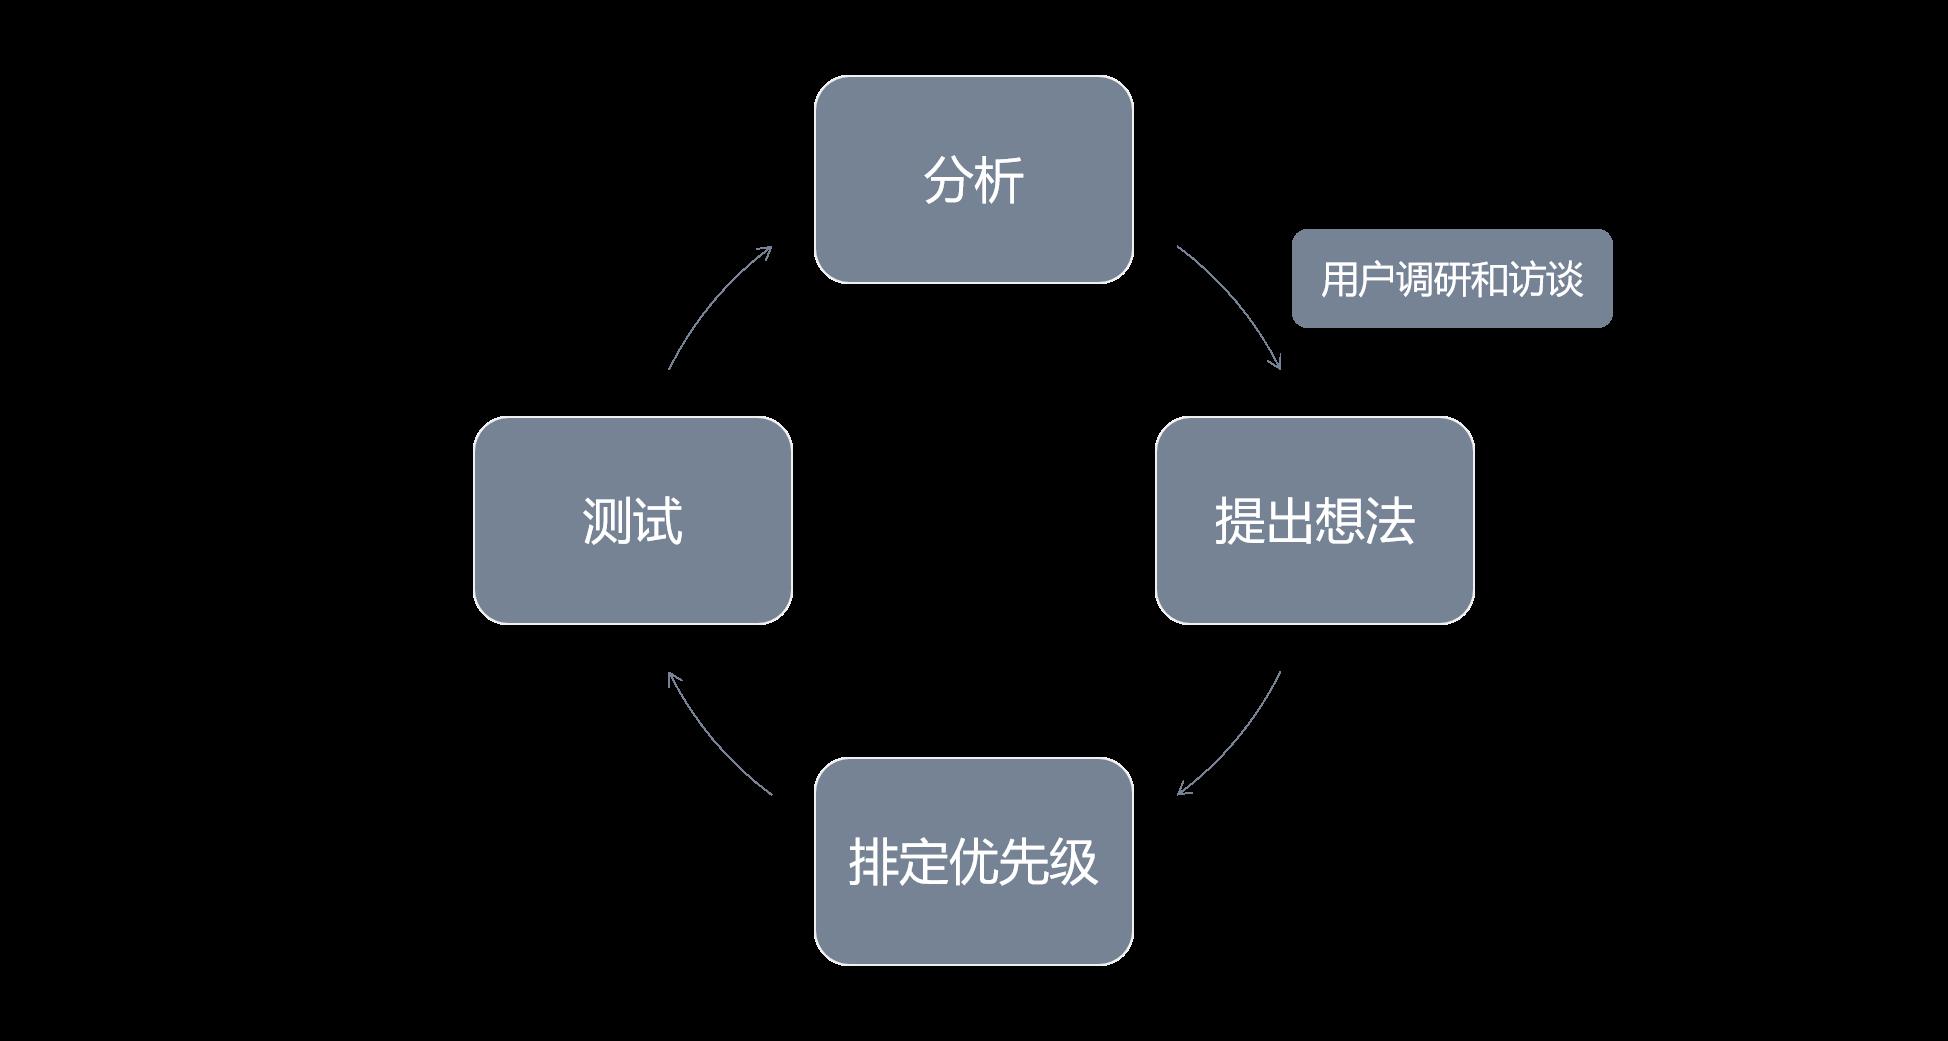 鸟哥笔记,用户运营,徐邦睿,用户运营,用户调研,用户研究